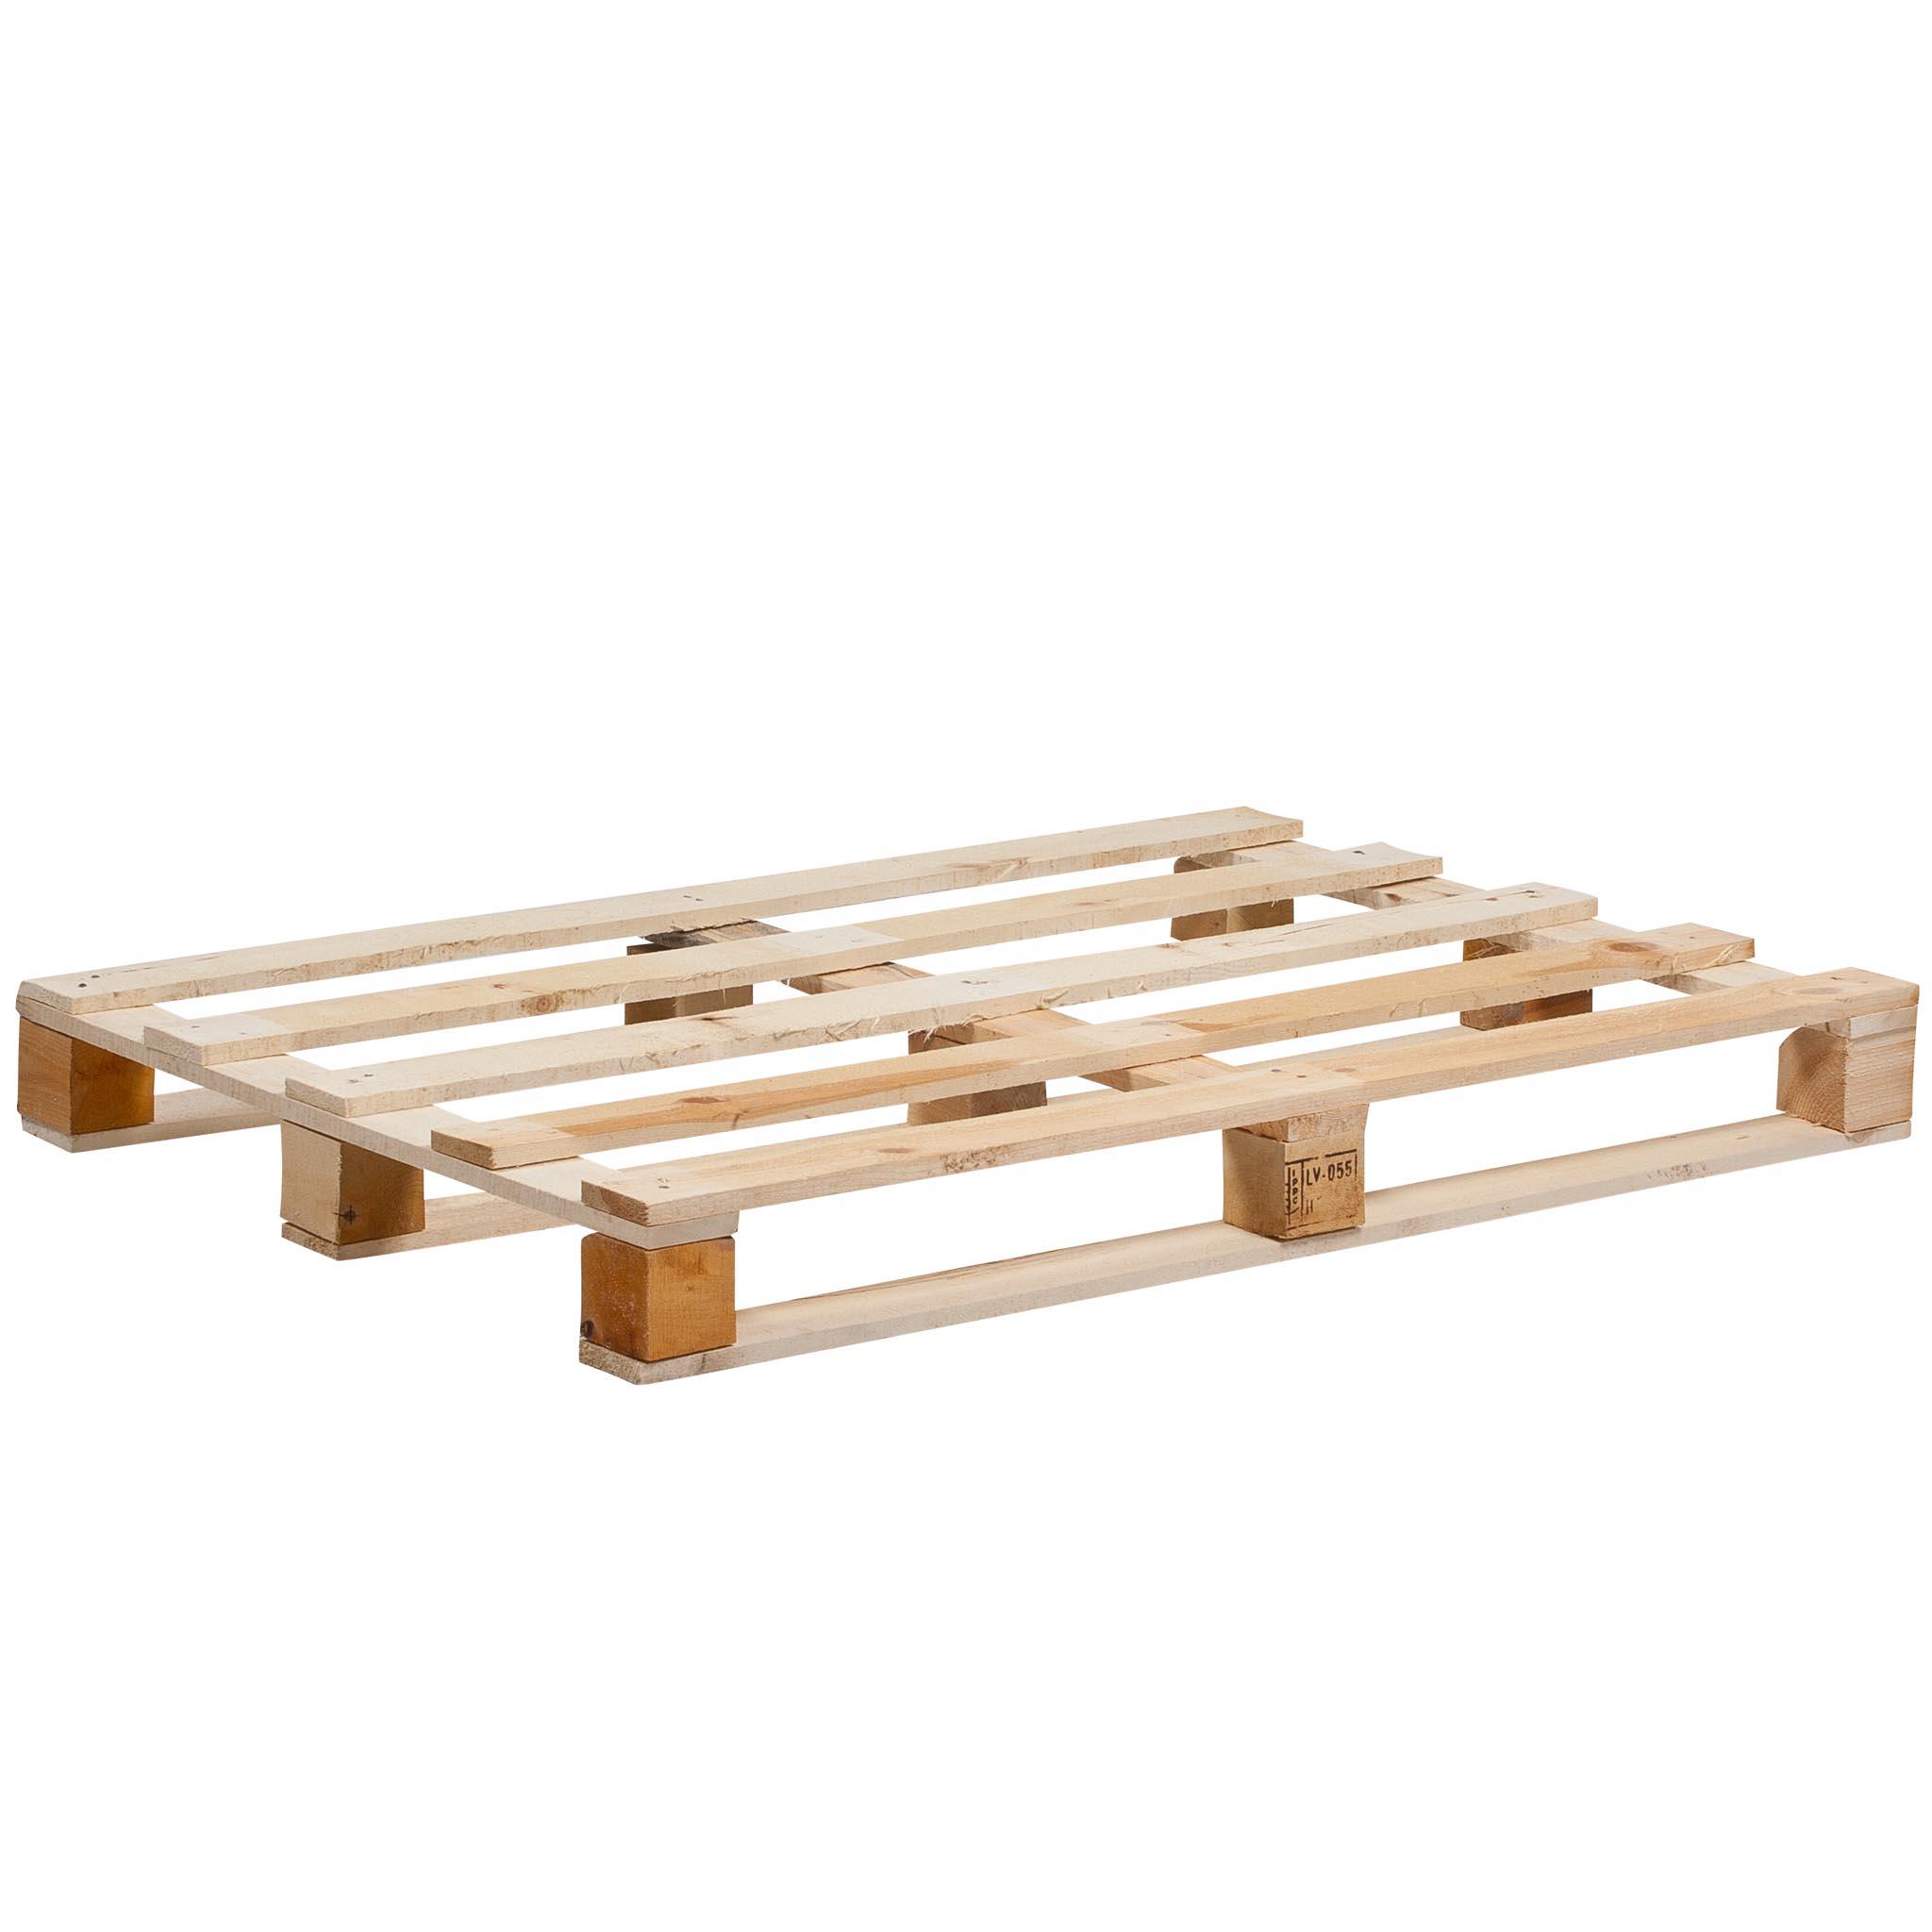 Holz-Einweg-Palette Größe 1.200 x 800 mm